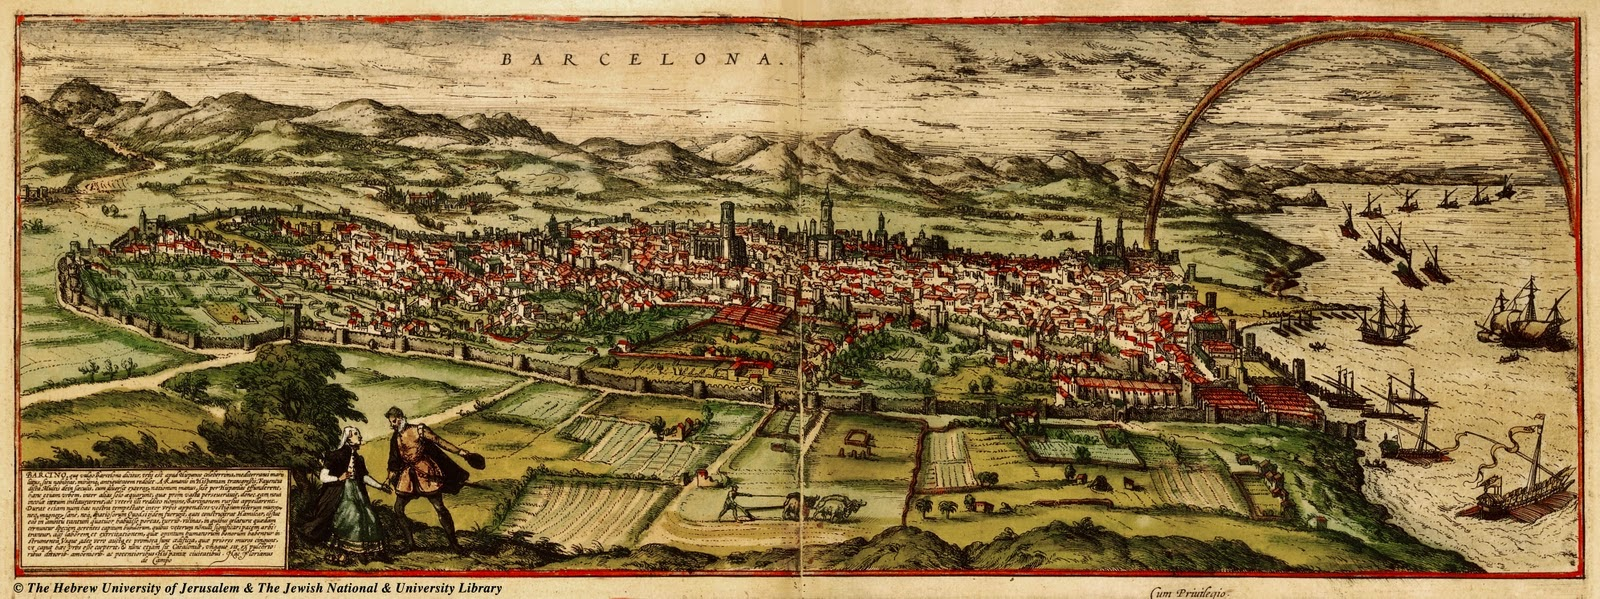 Barcelona finals Edat Mitjana